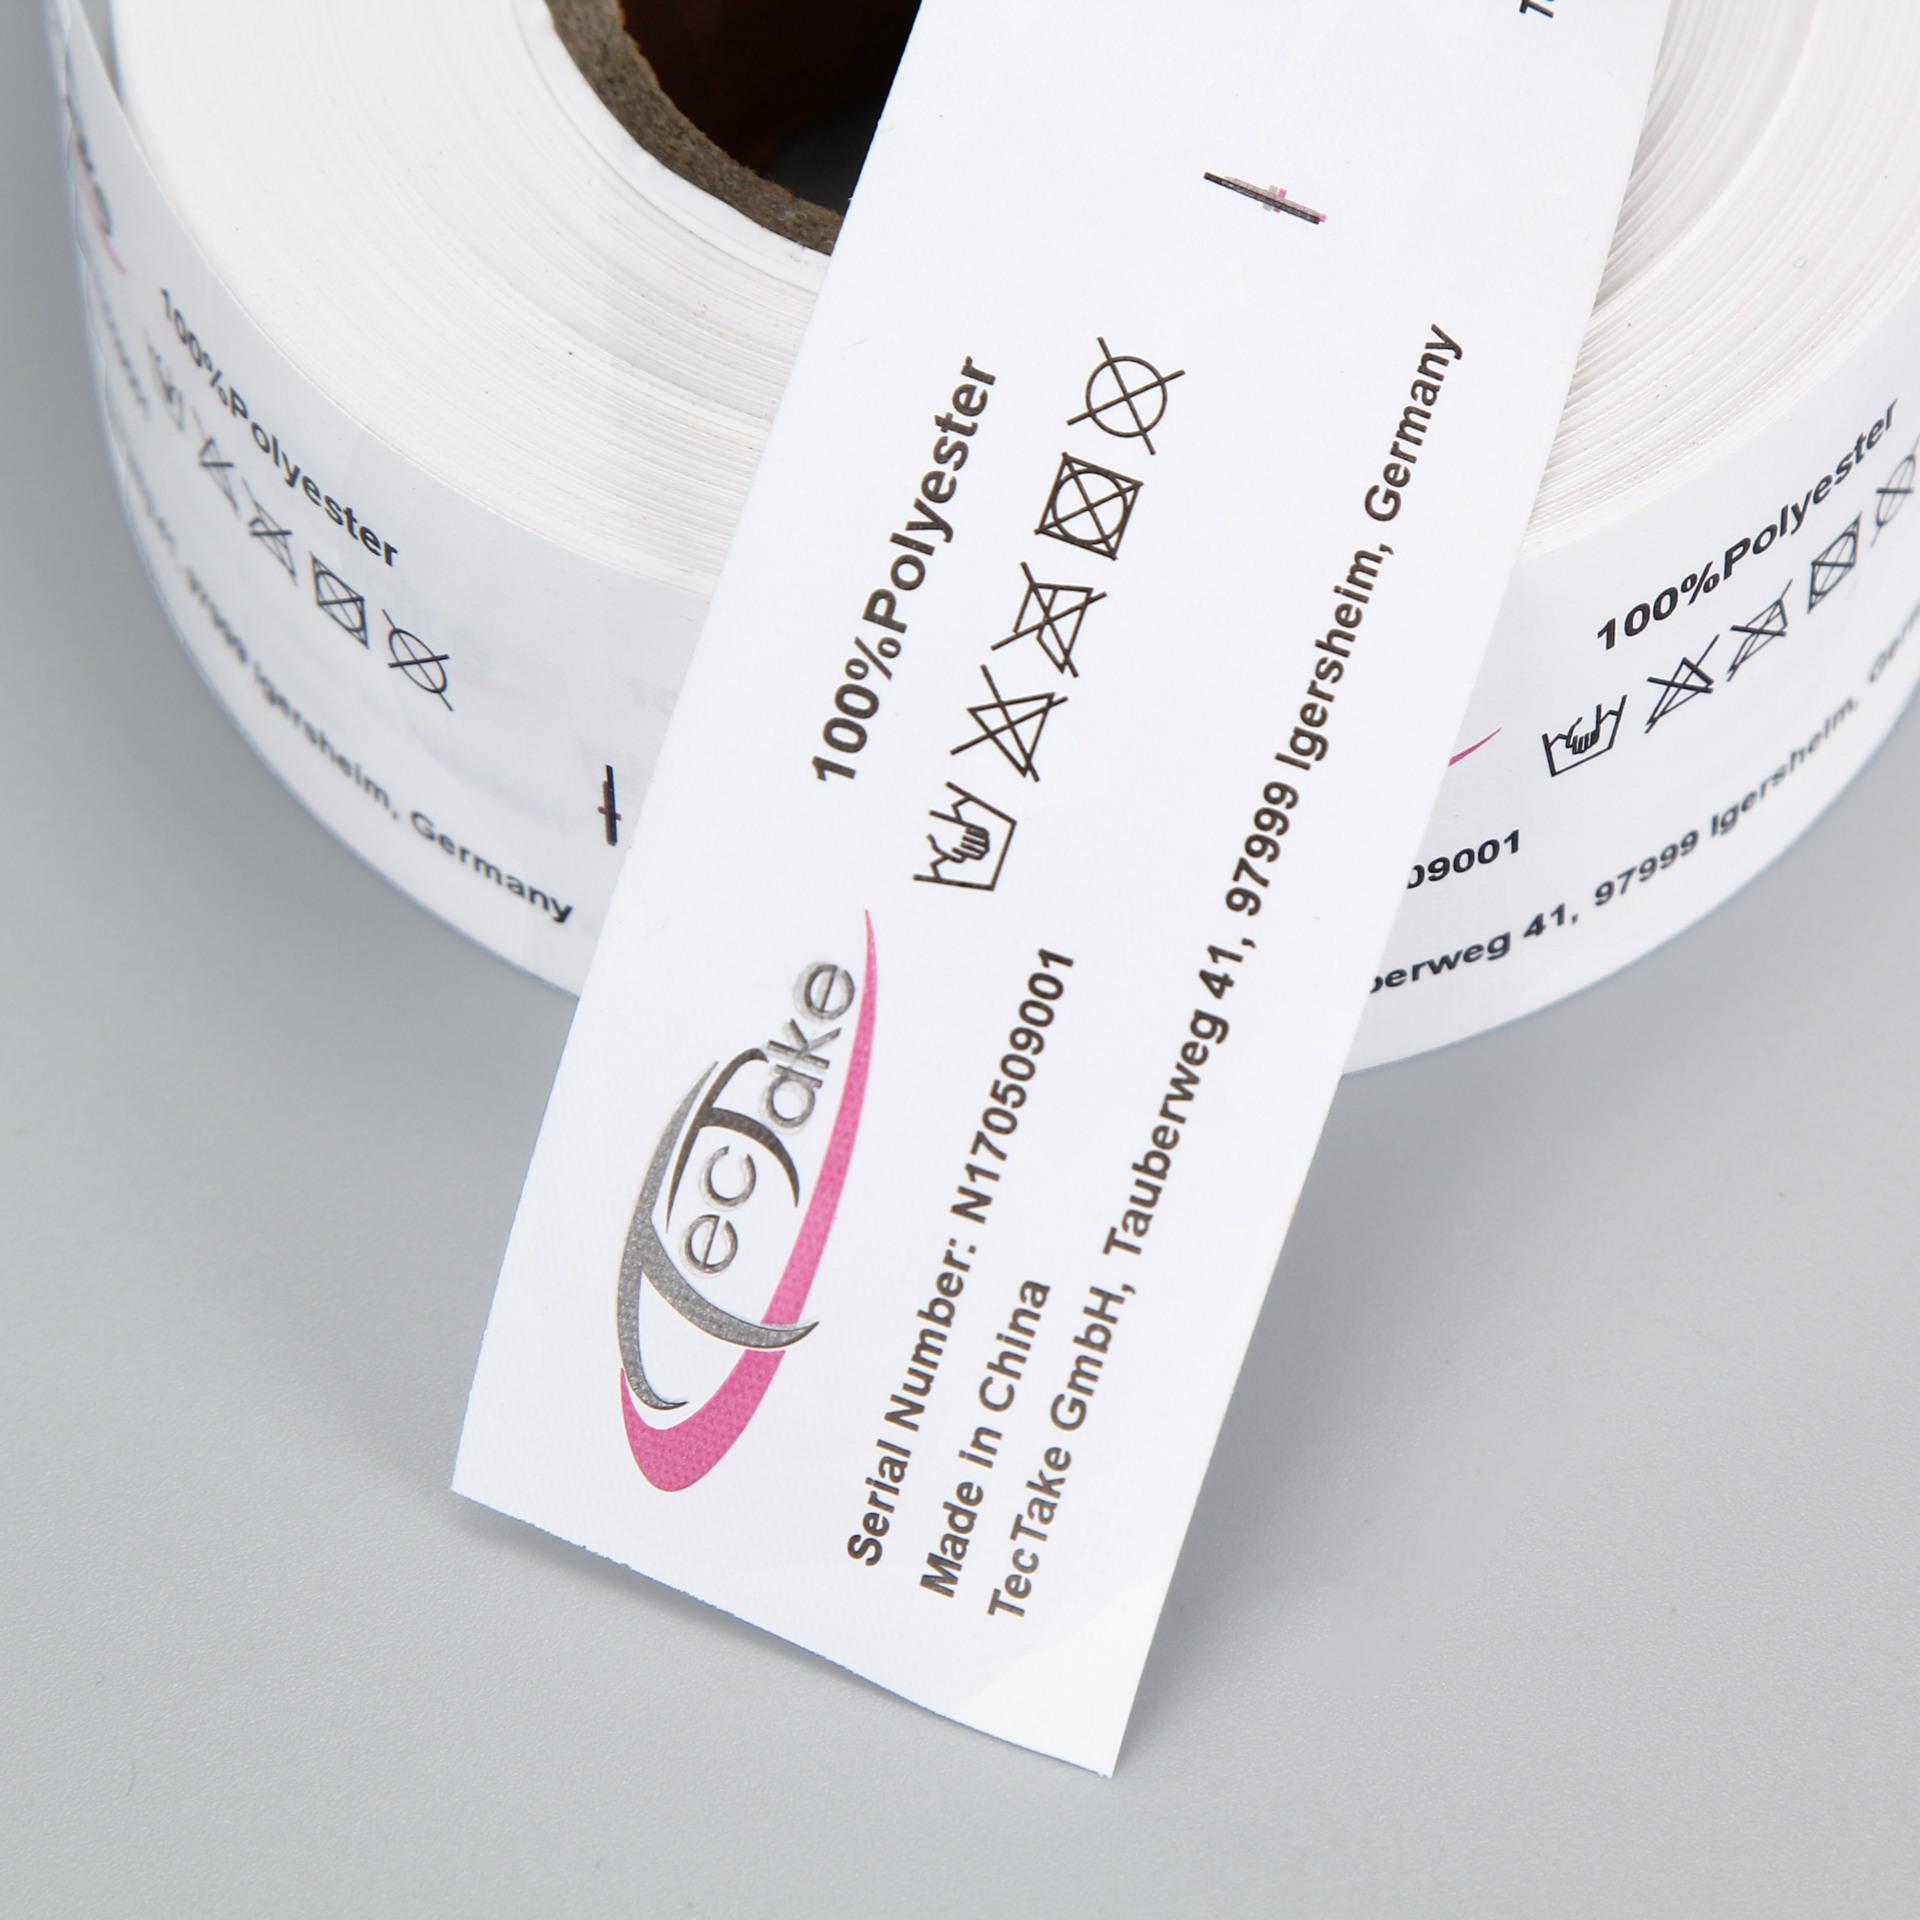 厂家专业生产服装商标 水洗标洗水唛印唛定做质量保障量大价优